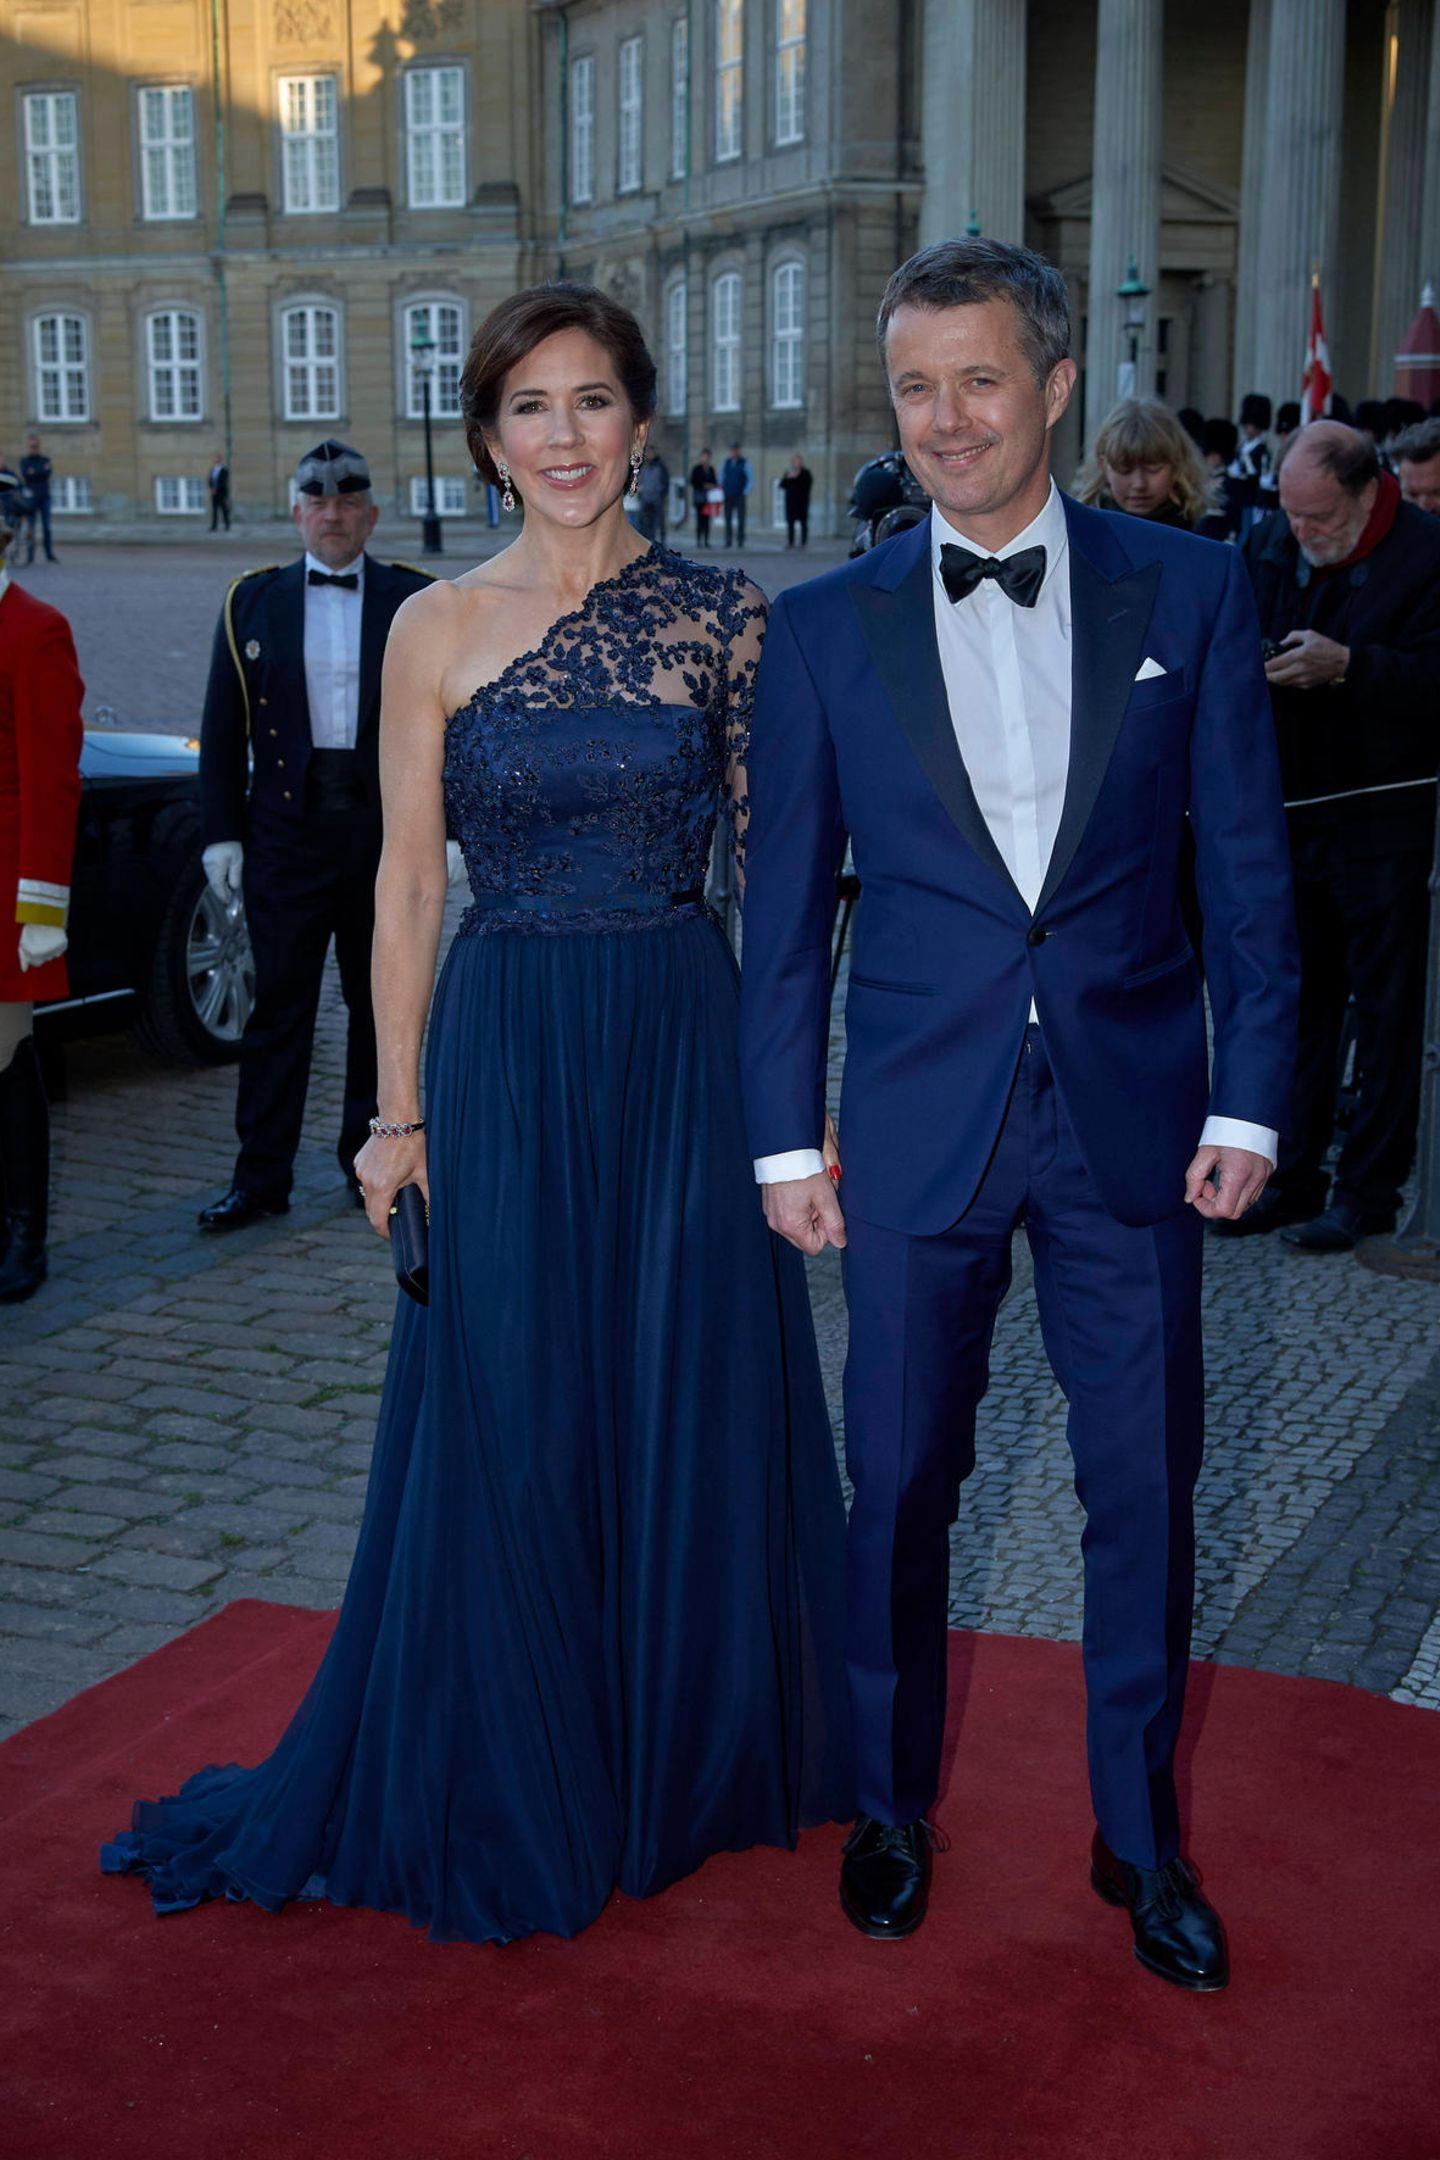 Kronprinzessin Mary von Dänemark strahlt an der Seite ihres Gatten Kronprinz Frederik. Das attraktive Paar hat seine dunkelblauen Outfits perfekt aufeinander abgestimmt.